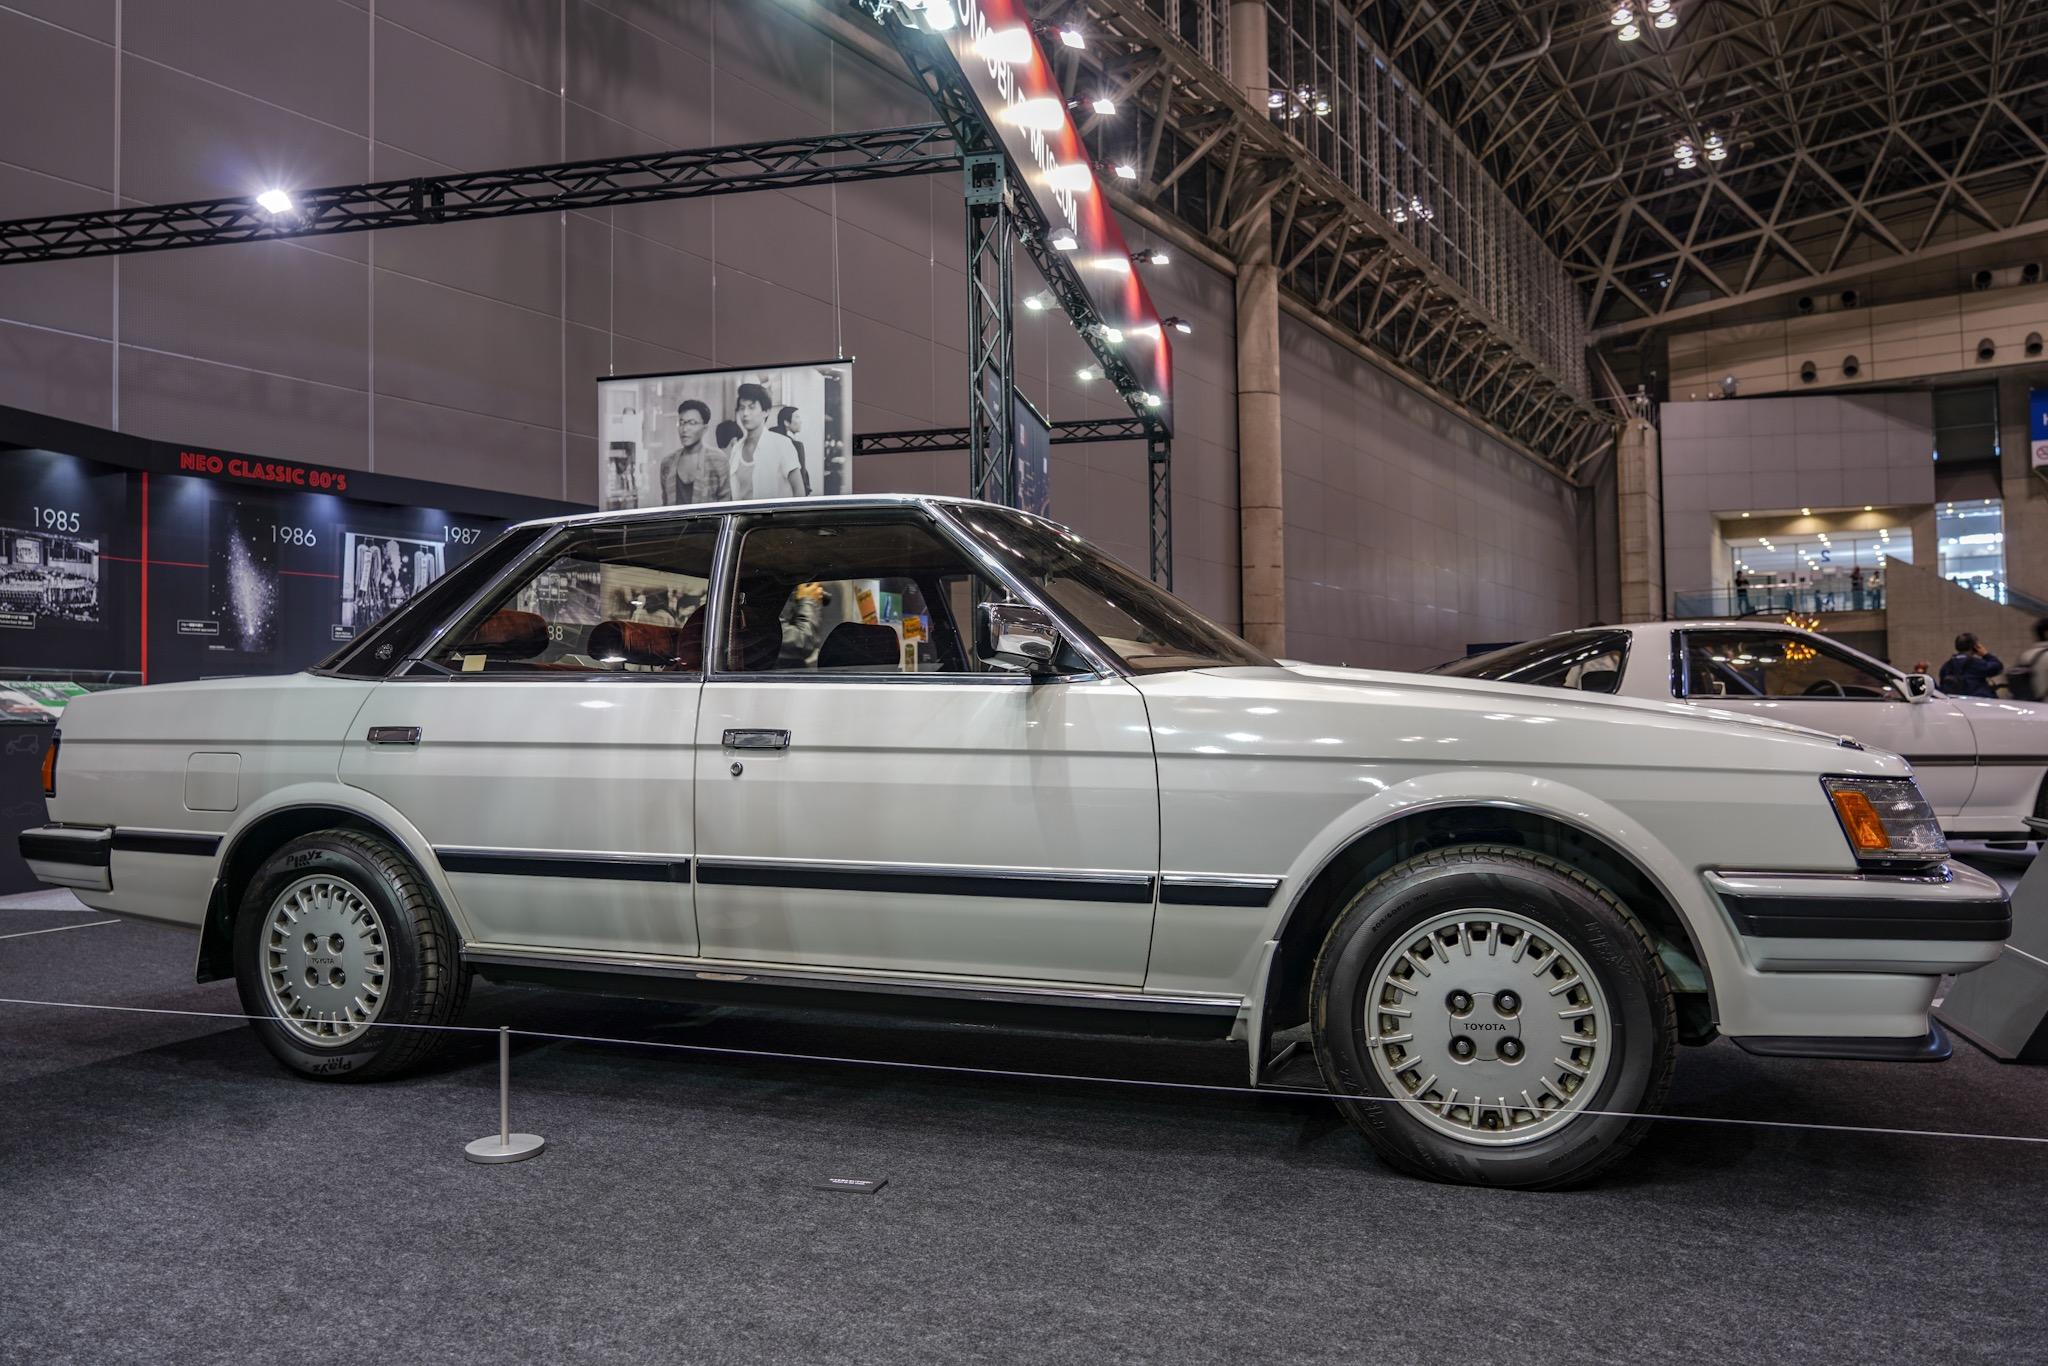 トヨタ マークII X70型(5代目) オートモビルカウンシル2019